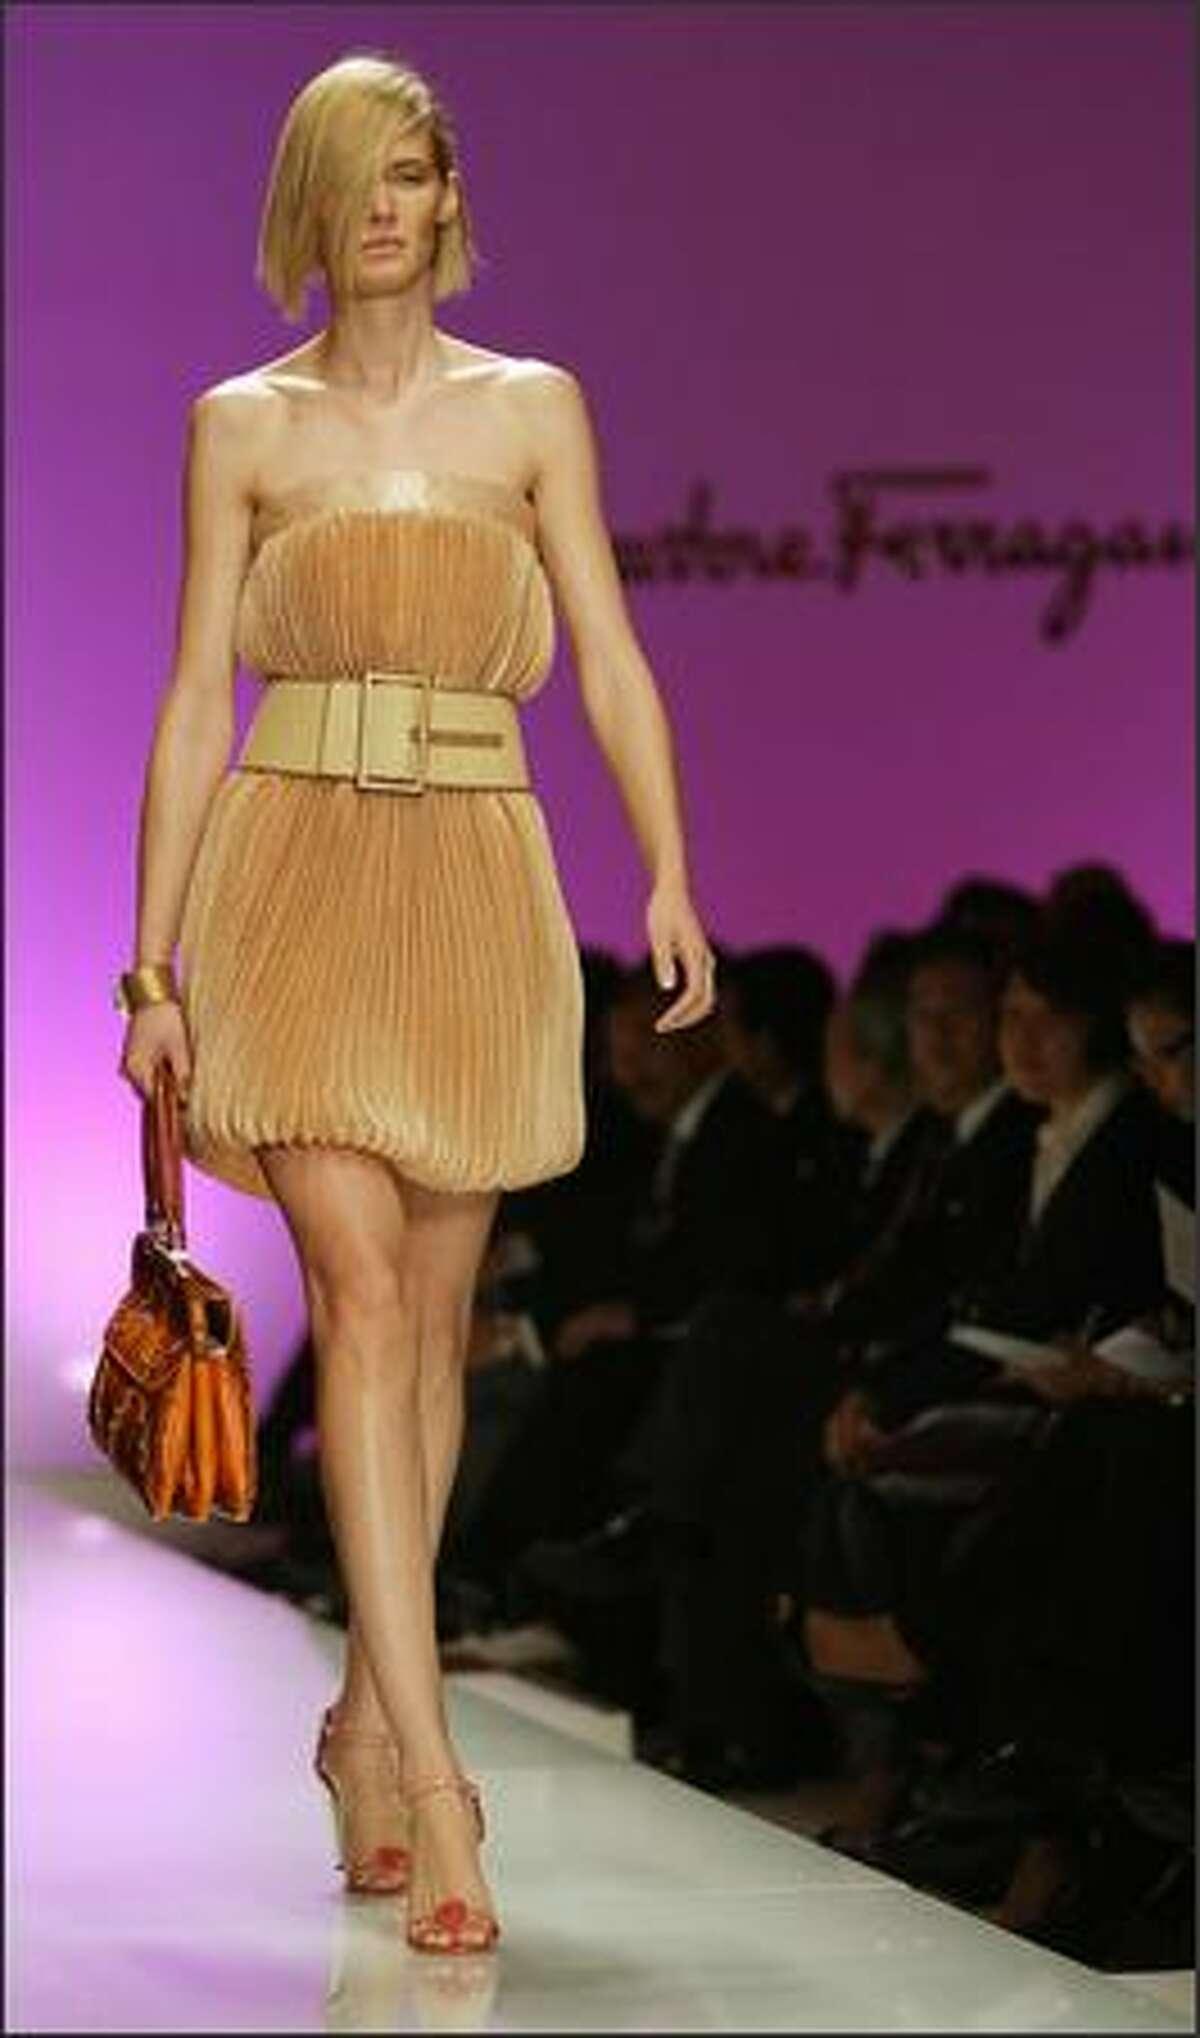 A model presents a creation by Graeme Black for Salvatore Ferragamo.